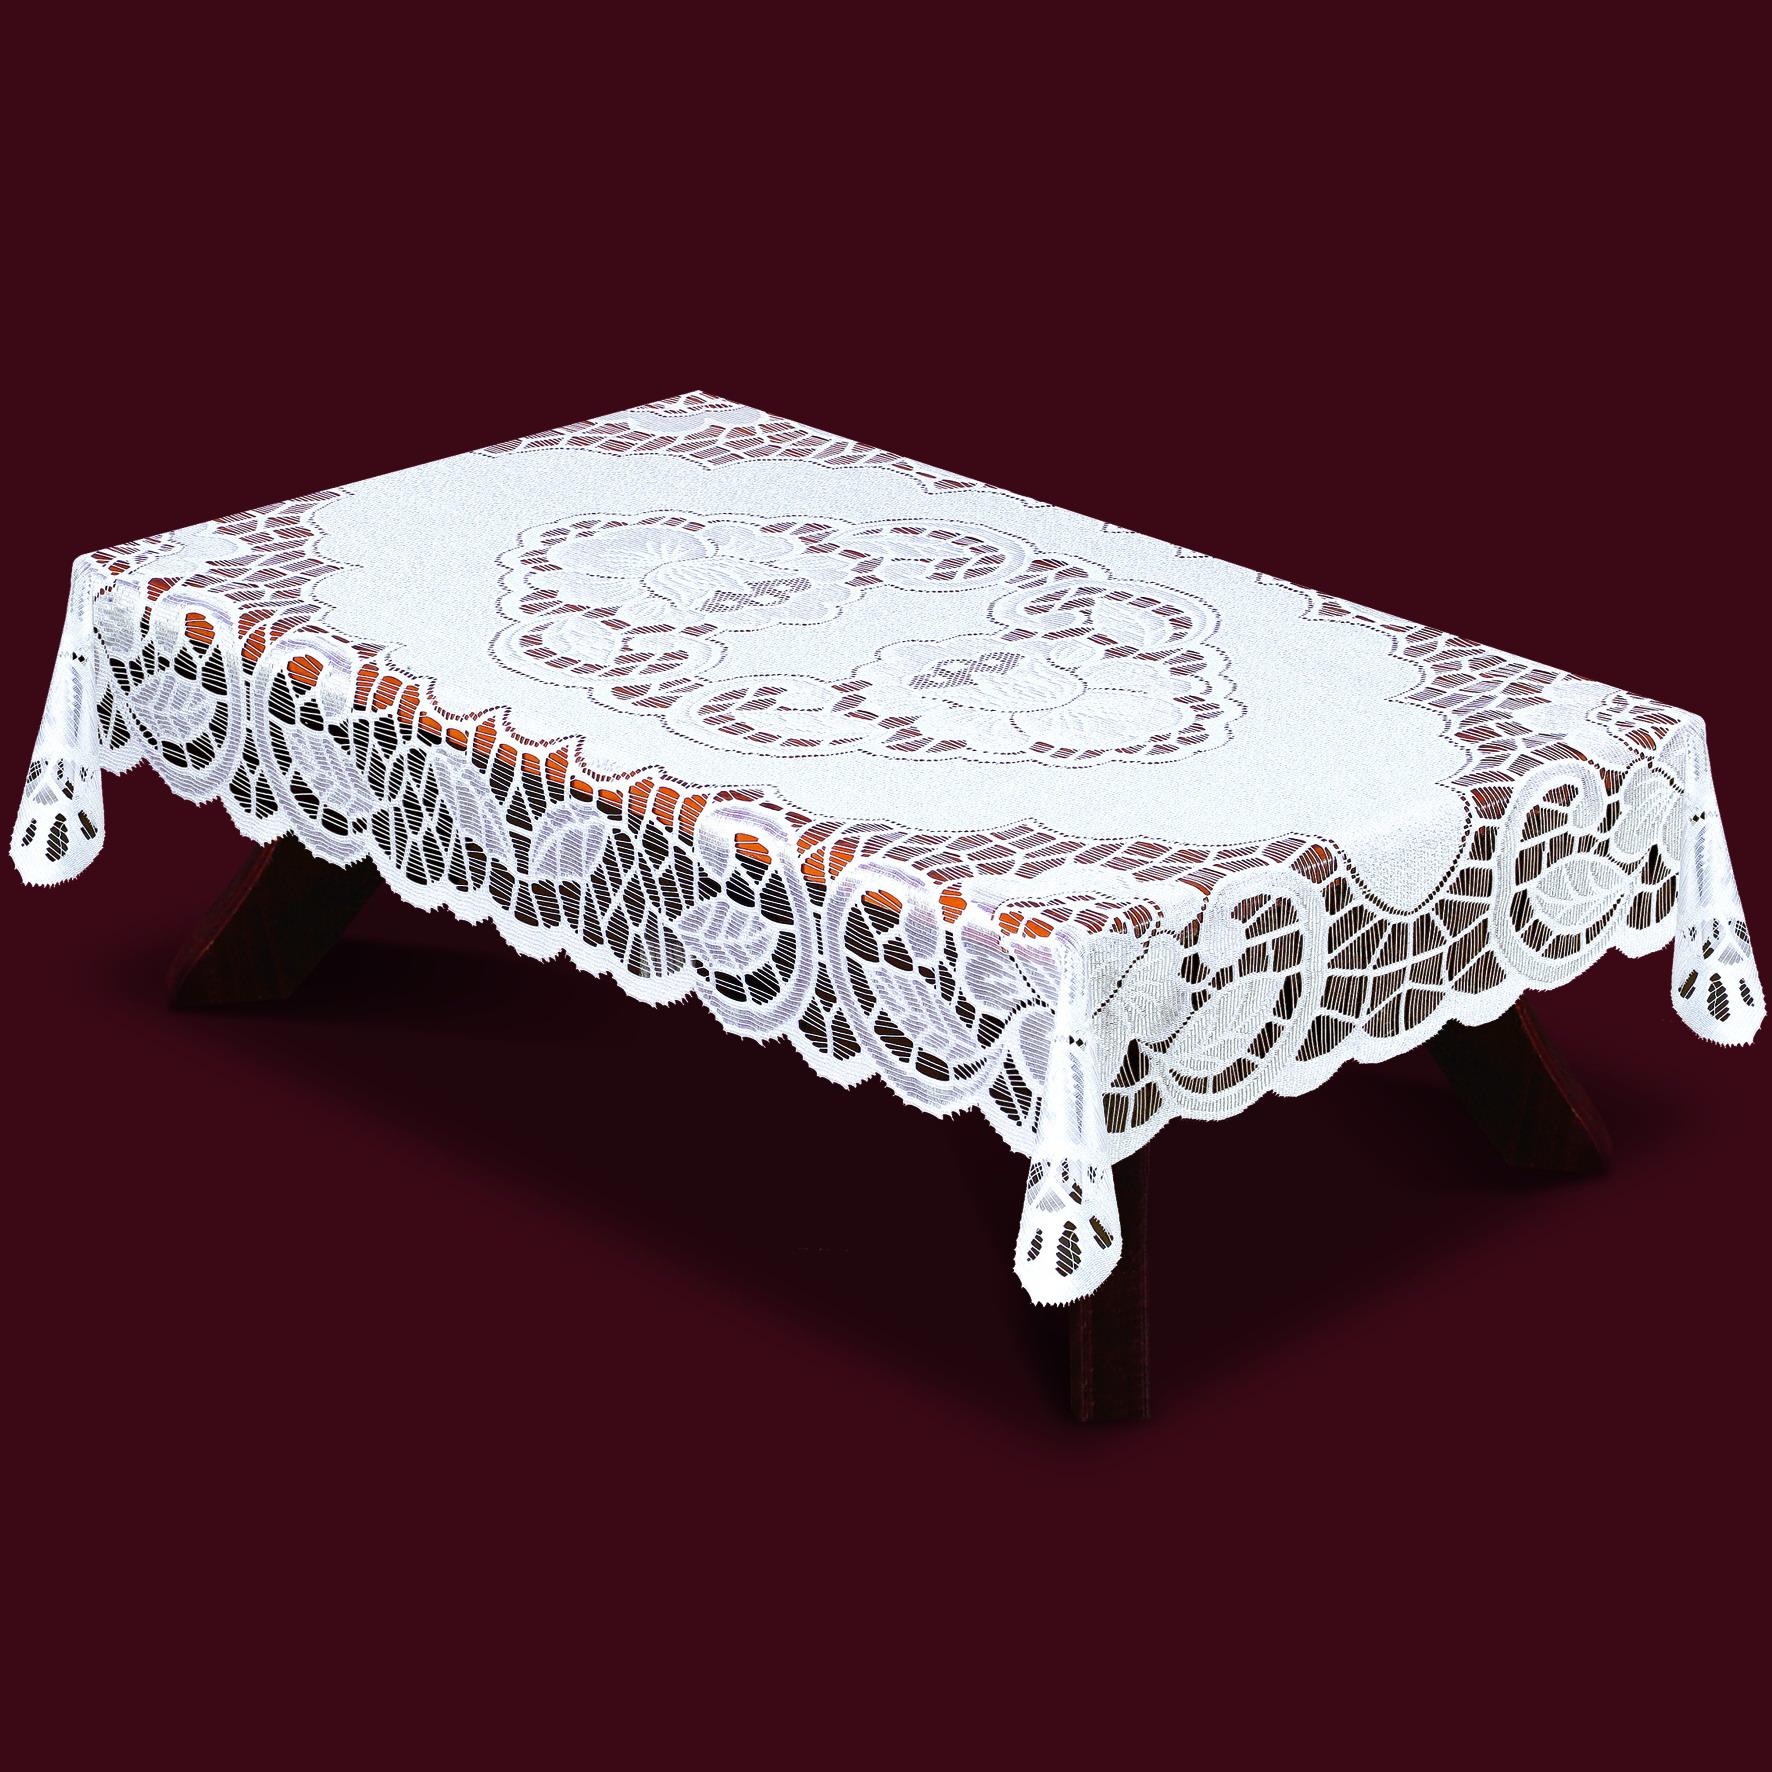 Скатерть Haft Skarb Babuni, прямоугольная, цвет: белый, 150 x 300 см. 38850/15038850/150Великолепная прямоугольная скатерть Haft Skarb Babuni, выполненная из 100% полиэстера, органично впишется в интерьер любого помещения, а оригинальный дизайн удовлетворит даже самый изысканный вкус. Скатерть изготовлена из сетчатого материала с ажурным орнаментом по краям и по центру. Скатерть Haft Skarb Babuni создаст праздничное настроение и станет прекрасным дополнением интерьера гостиной, кухни или столовой.